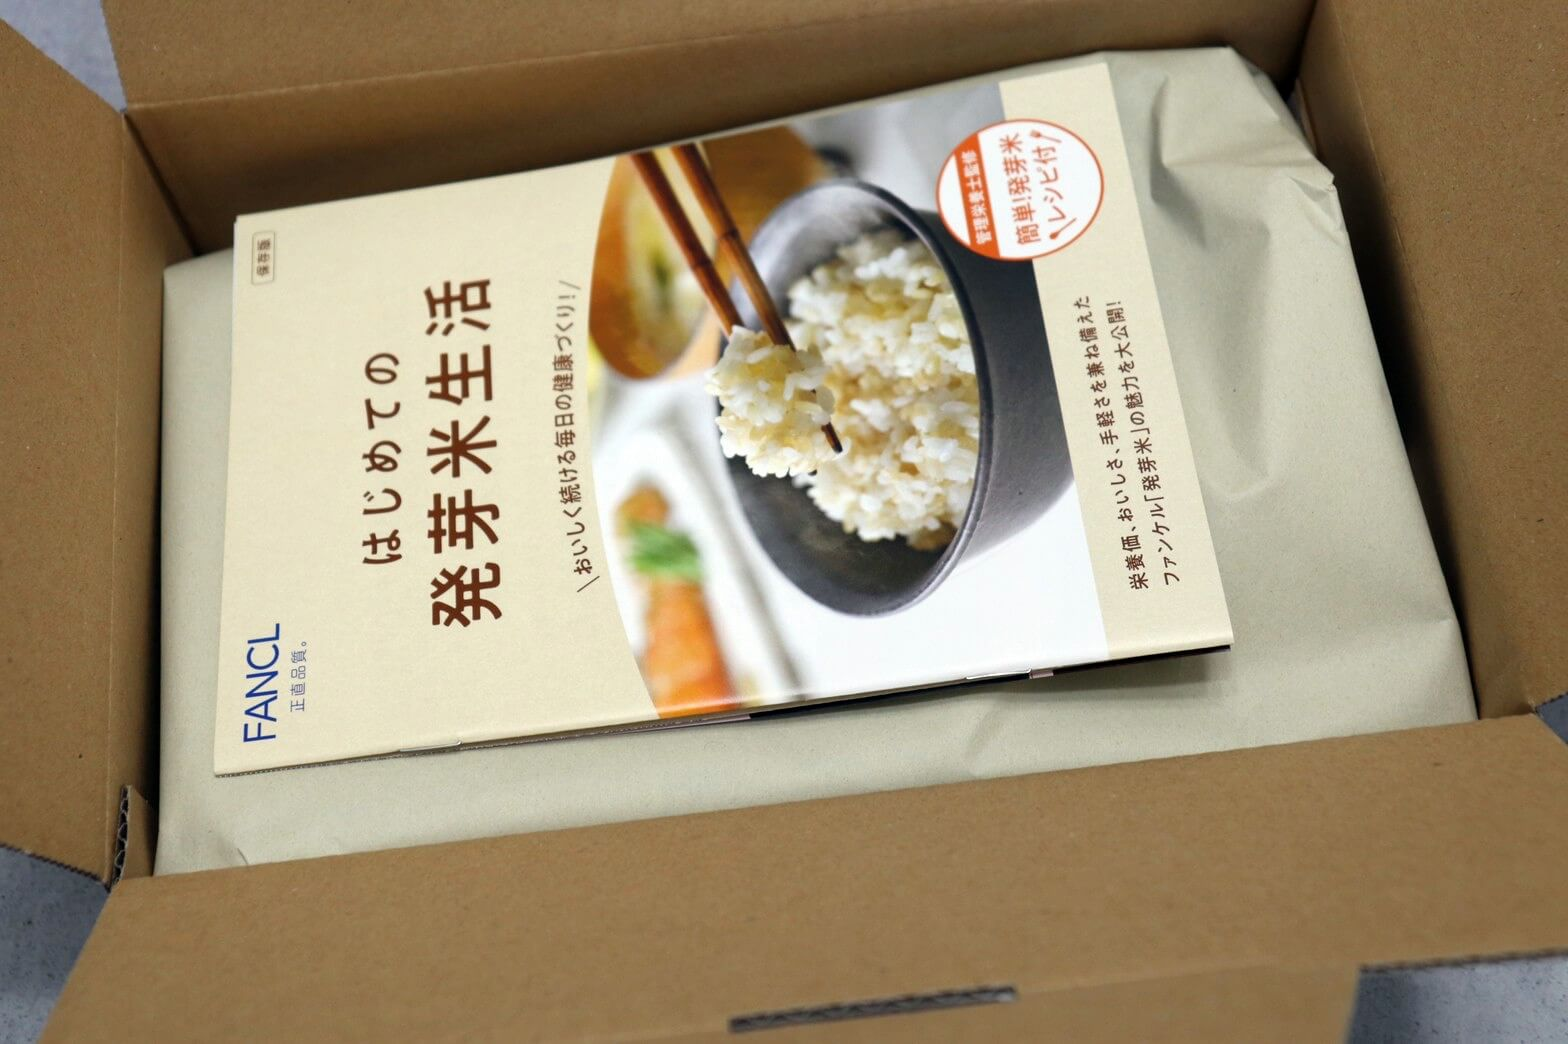 「ファンケル 発芽米」お試しセットで注文して実際に食べてみた感想